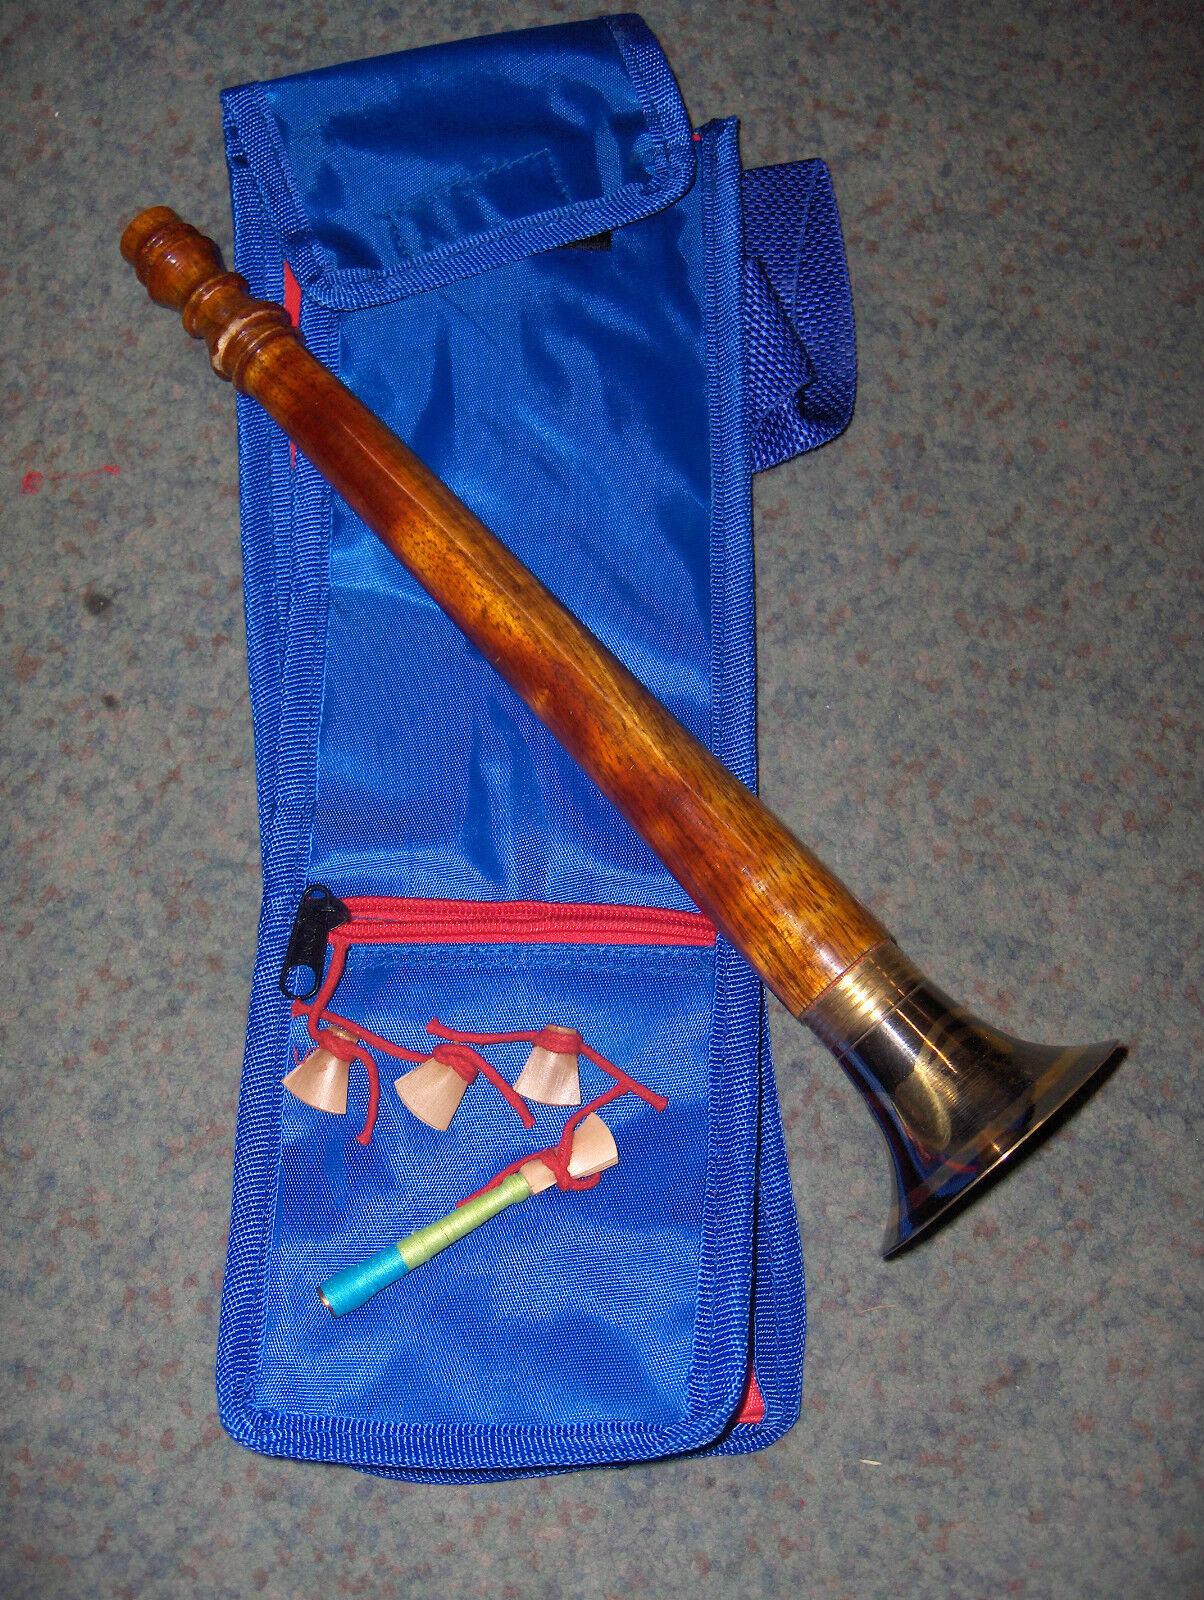 Shehnai,Flöte Holz auch Shenai, Sahnai, aus Indien